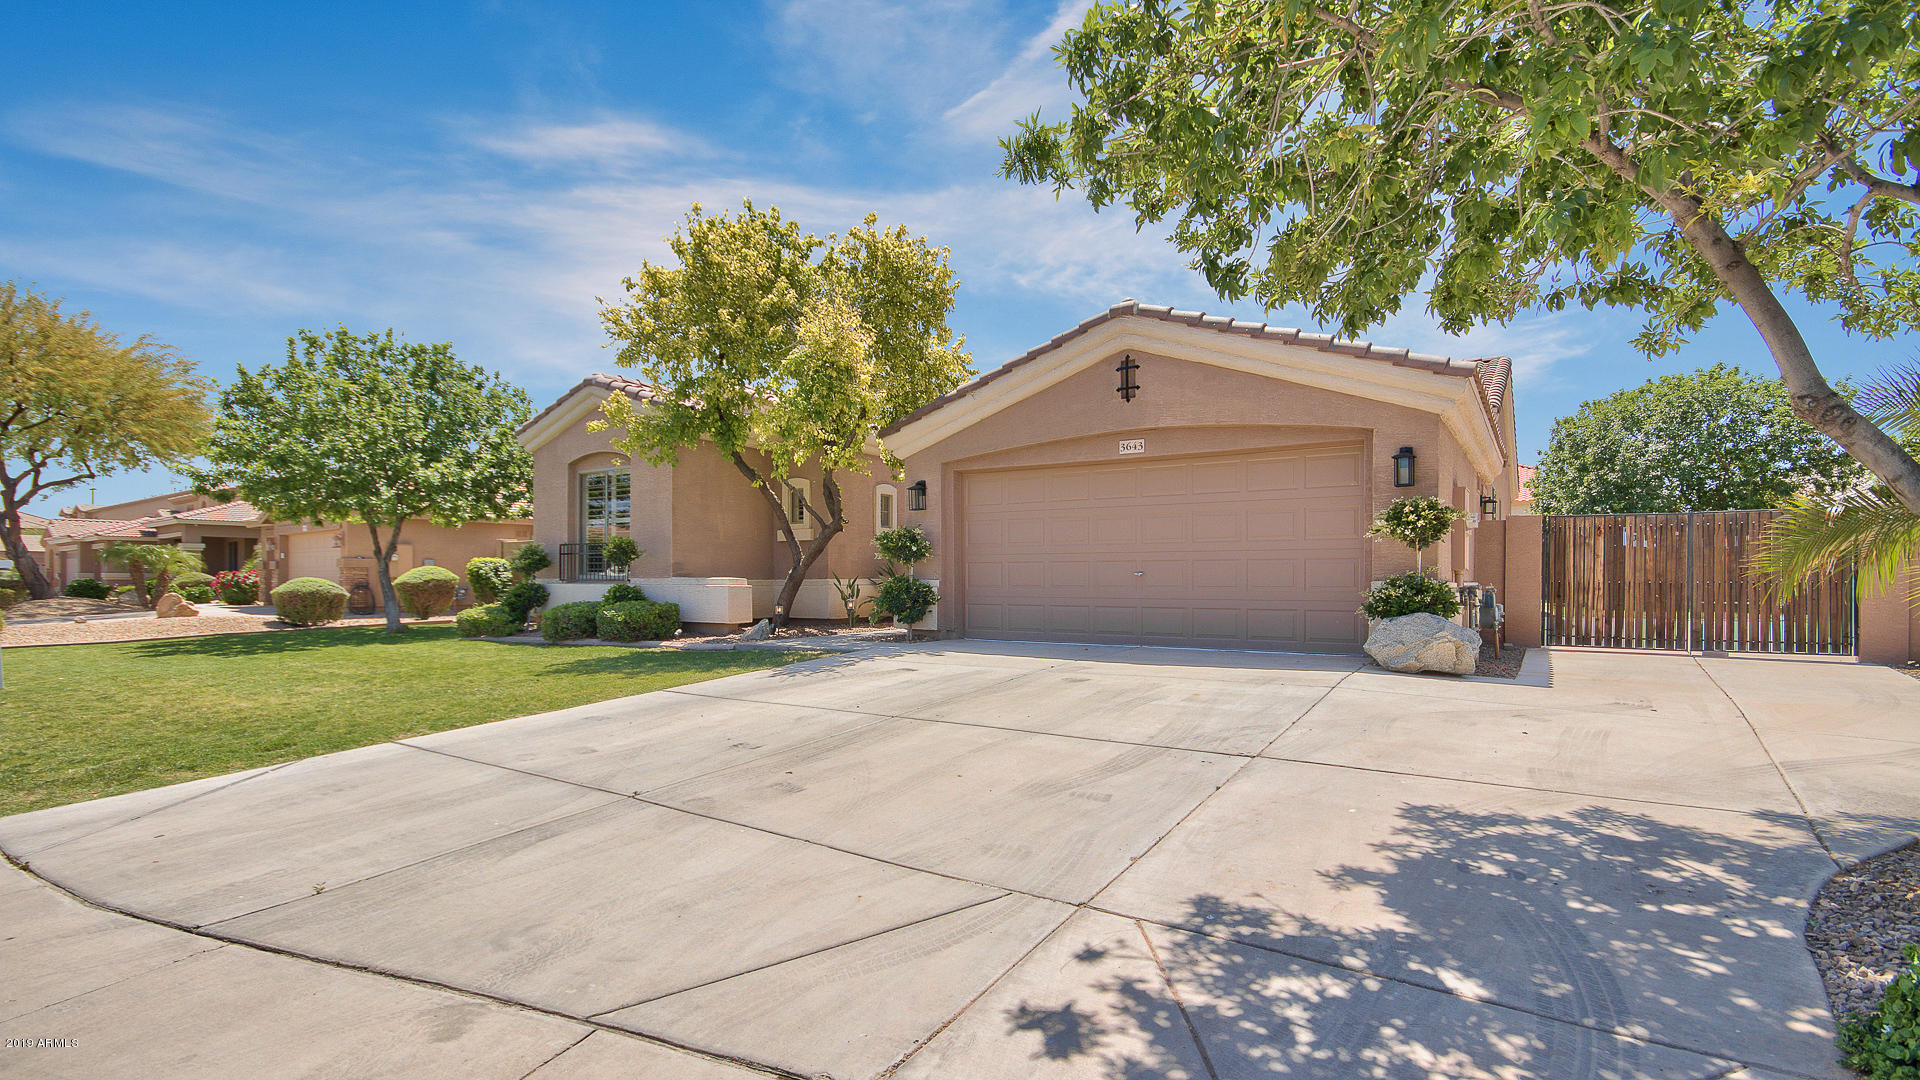 MLS 5920029 3643 E Harrison Street, Gilbert, AZ 85295 Gilbert AZ Bella Vista